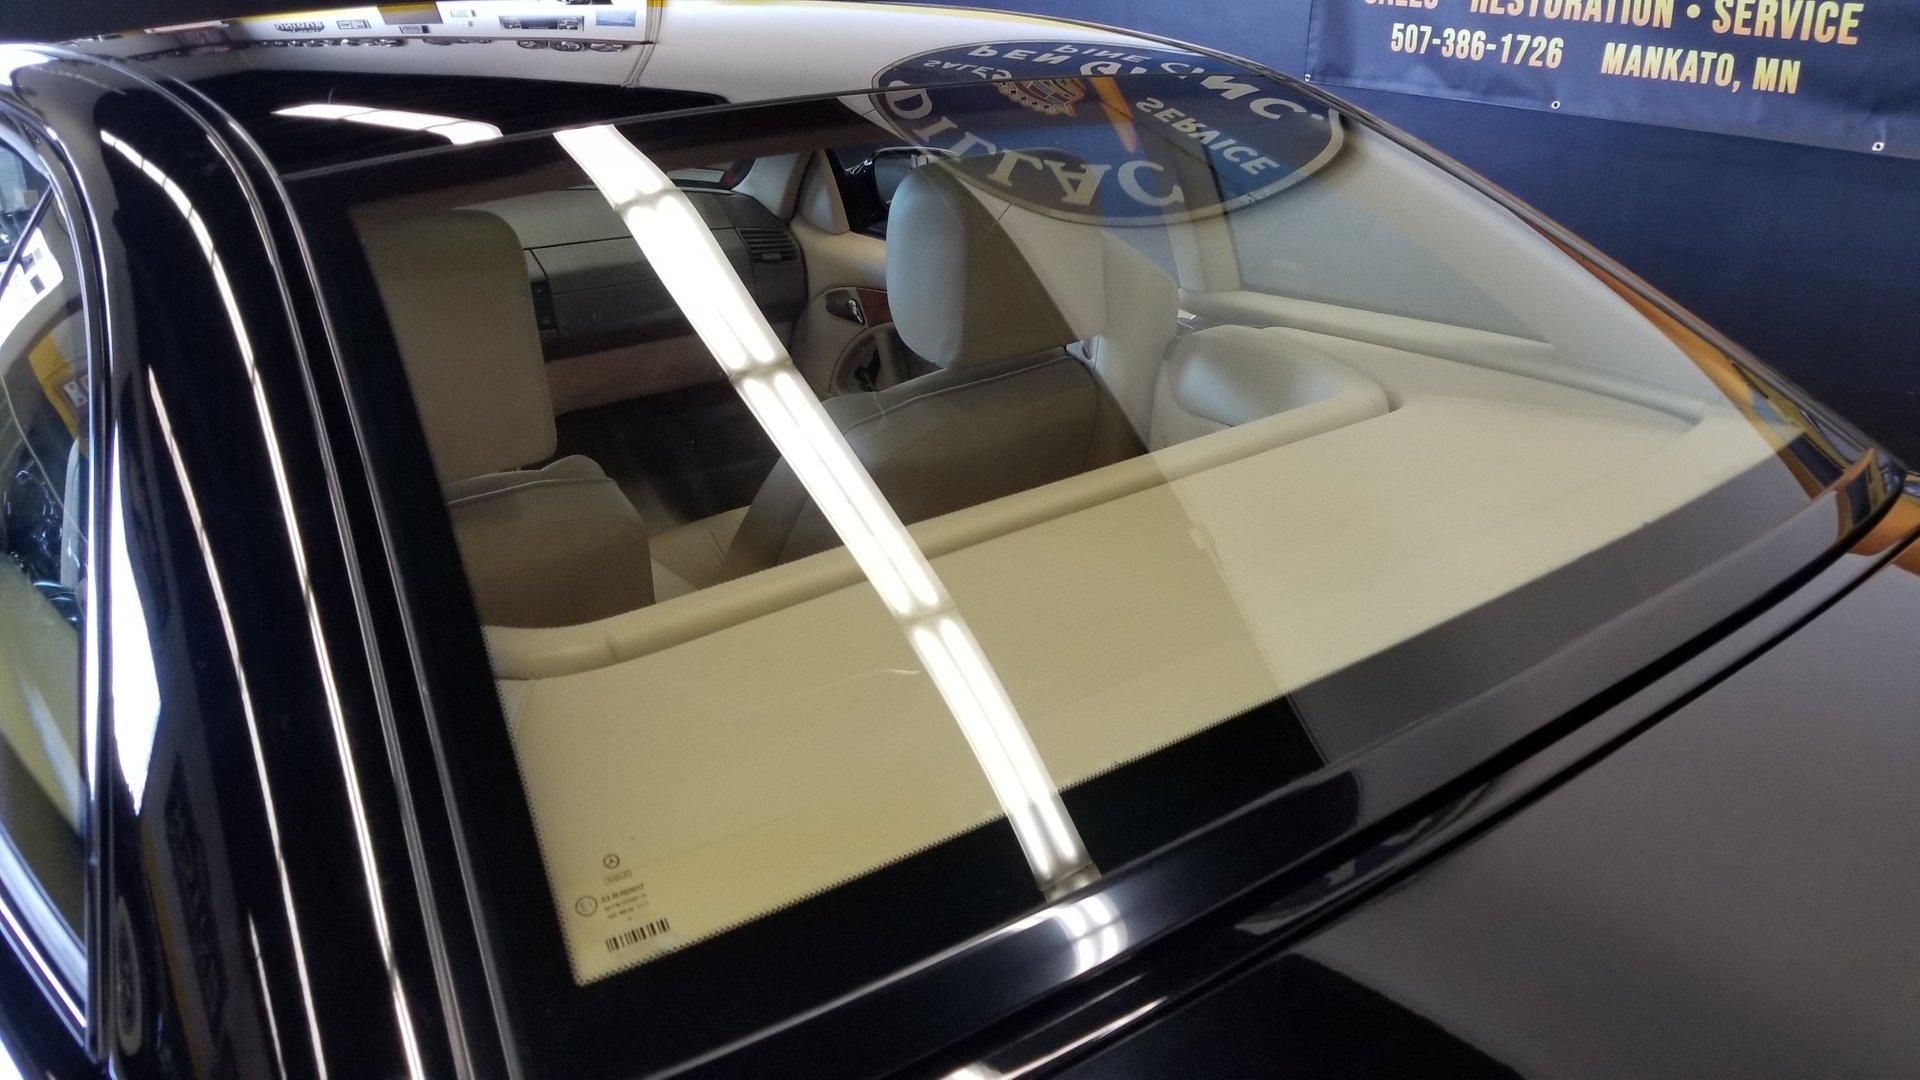 1999 Mercedes-Benz SL500 Convertible for sale #117577 | MCG